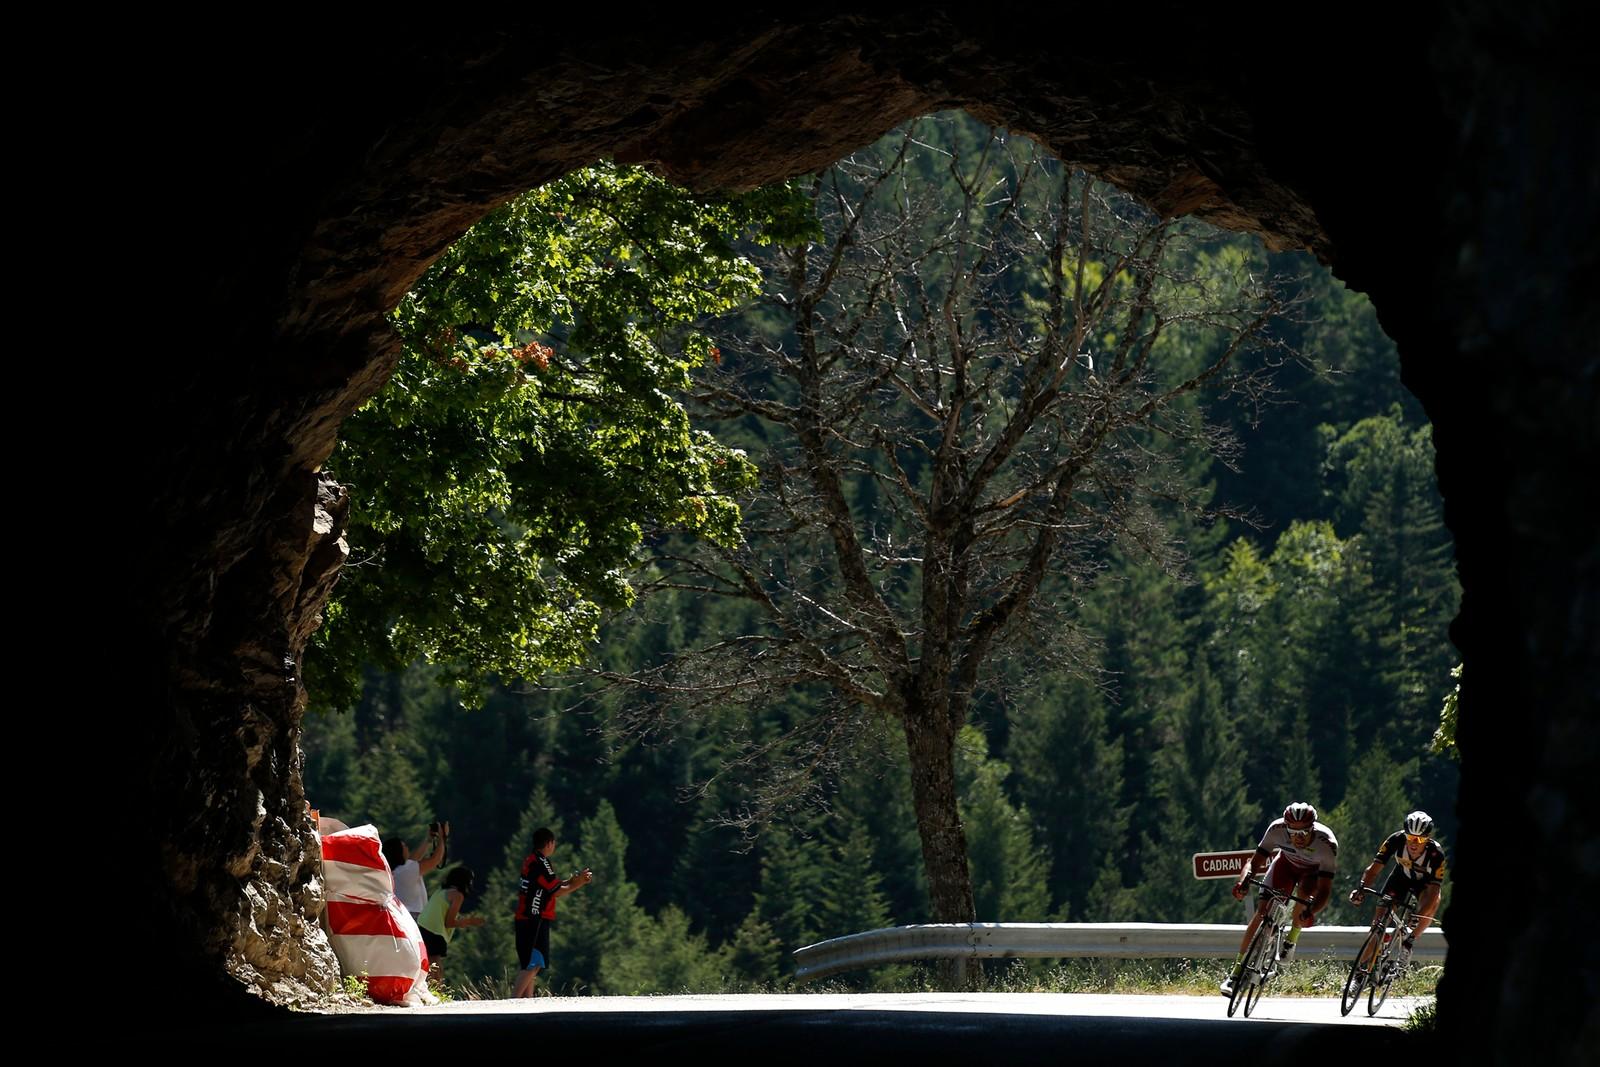 Tour de France er et av verdens vakreste idrettsarrangementer. REUTERS/Benoit Tessier